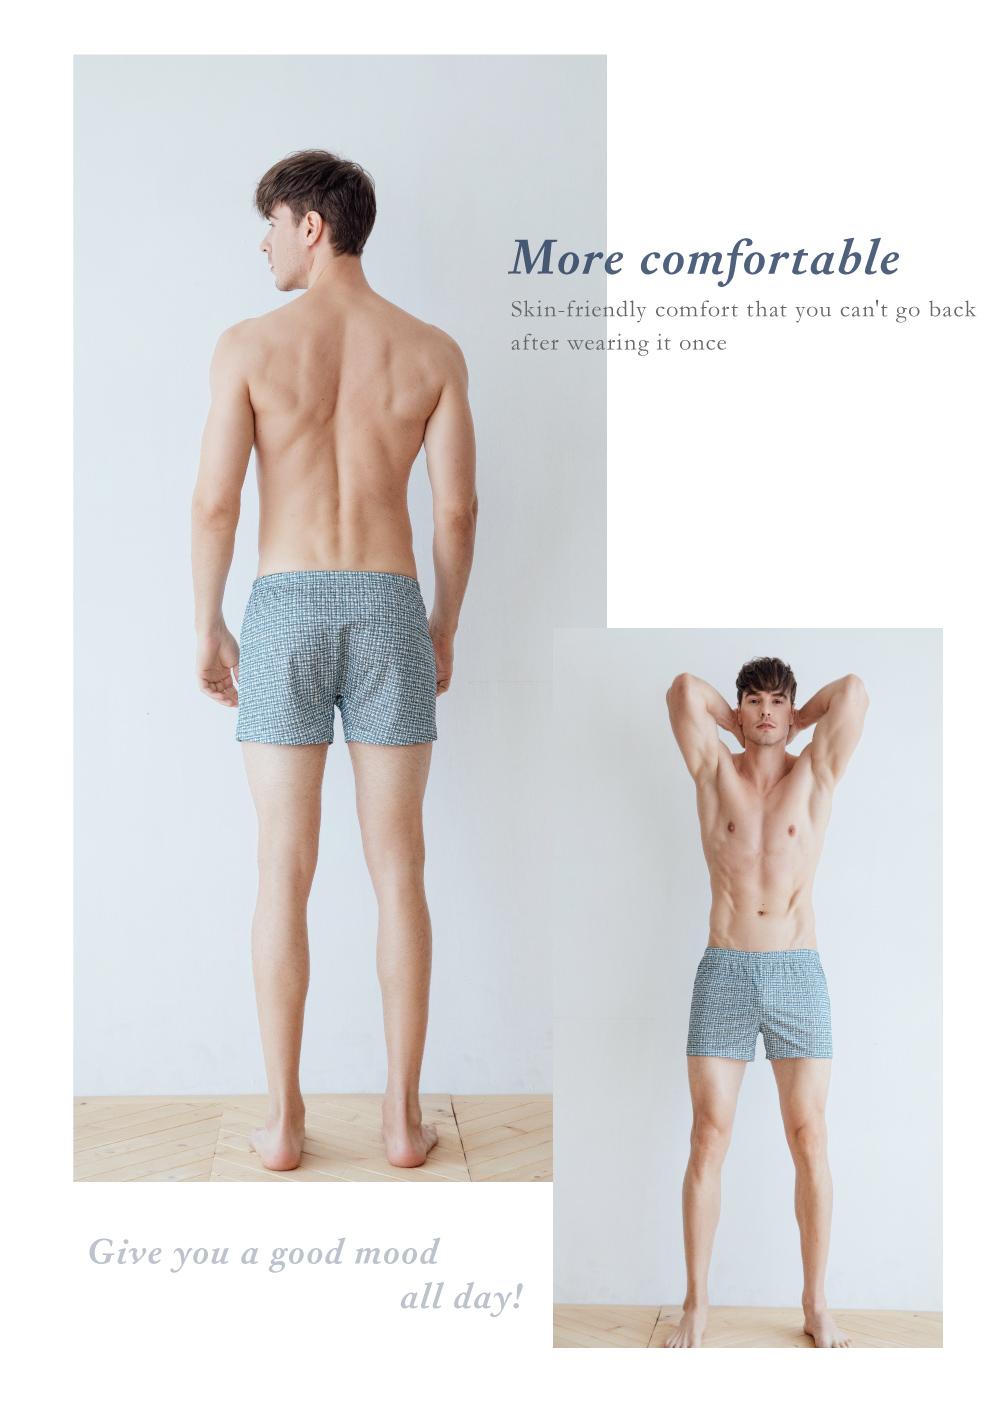 蠶絲內褲,鳳眼布,鳥眼內褲,男生內褲,極緻舒適,吸濕排汗,居家用品